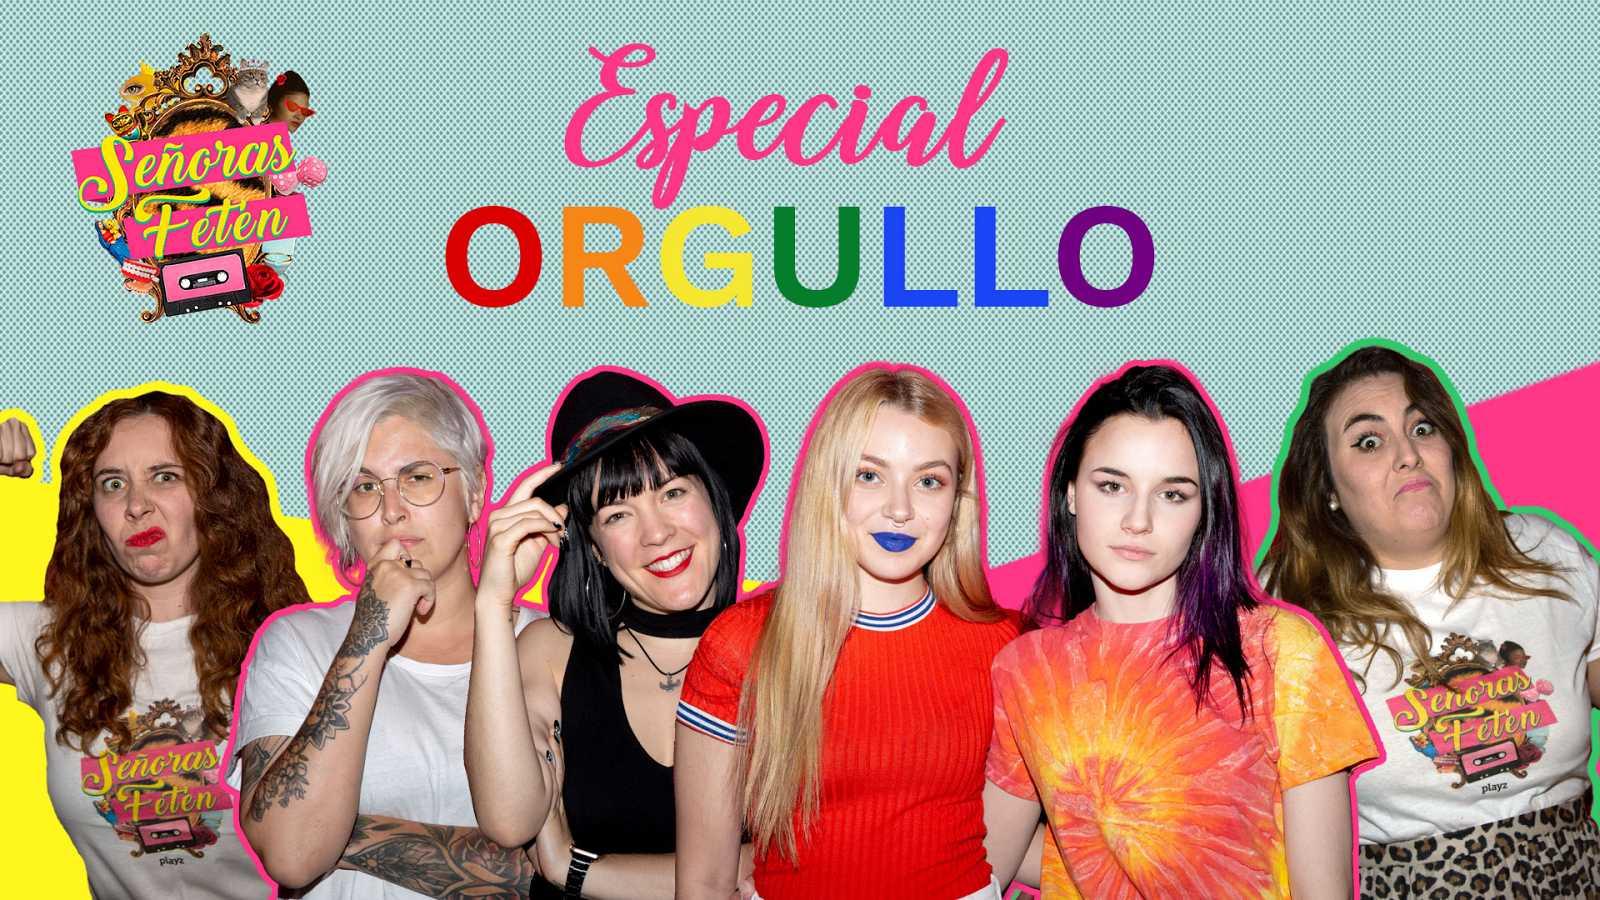 Señoras Fetén - Mira el programa: 'Especial Orgullo' con Noemí Casquet, Melo Moreno y las chicas de Skam